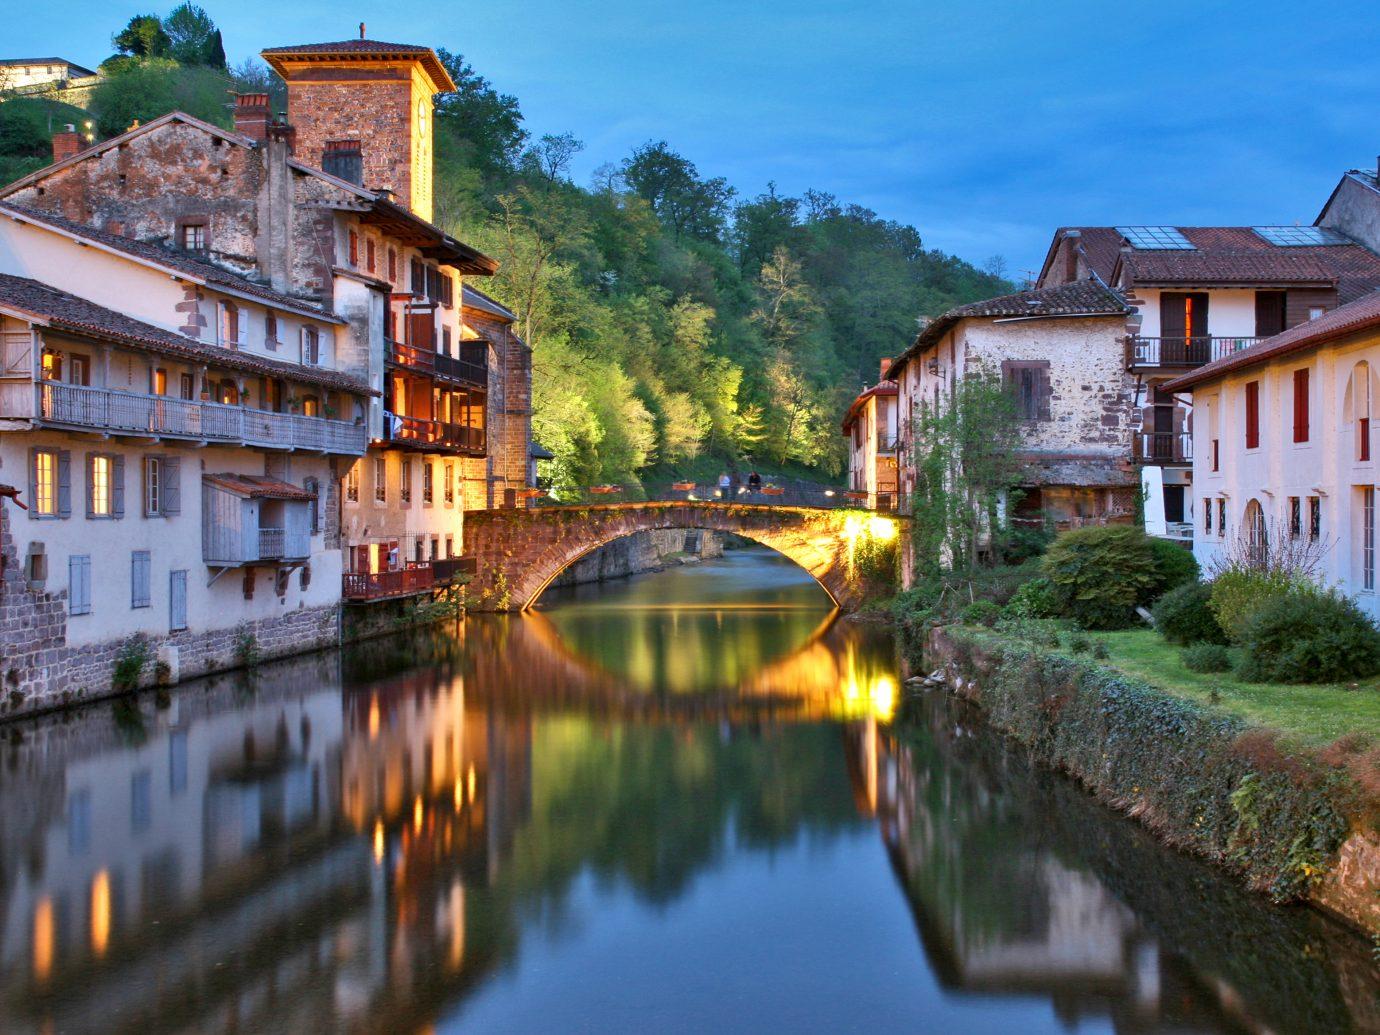 a bridge over the canal in Santiago de Compostela, Galicia, Spain